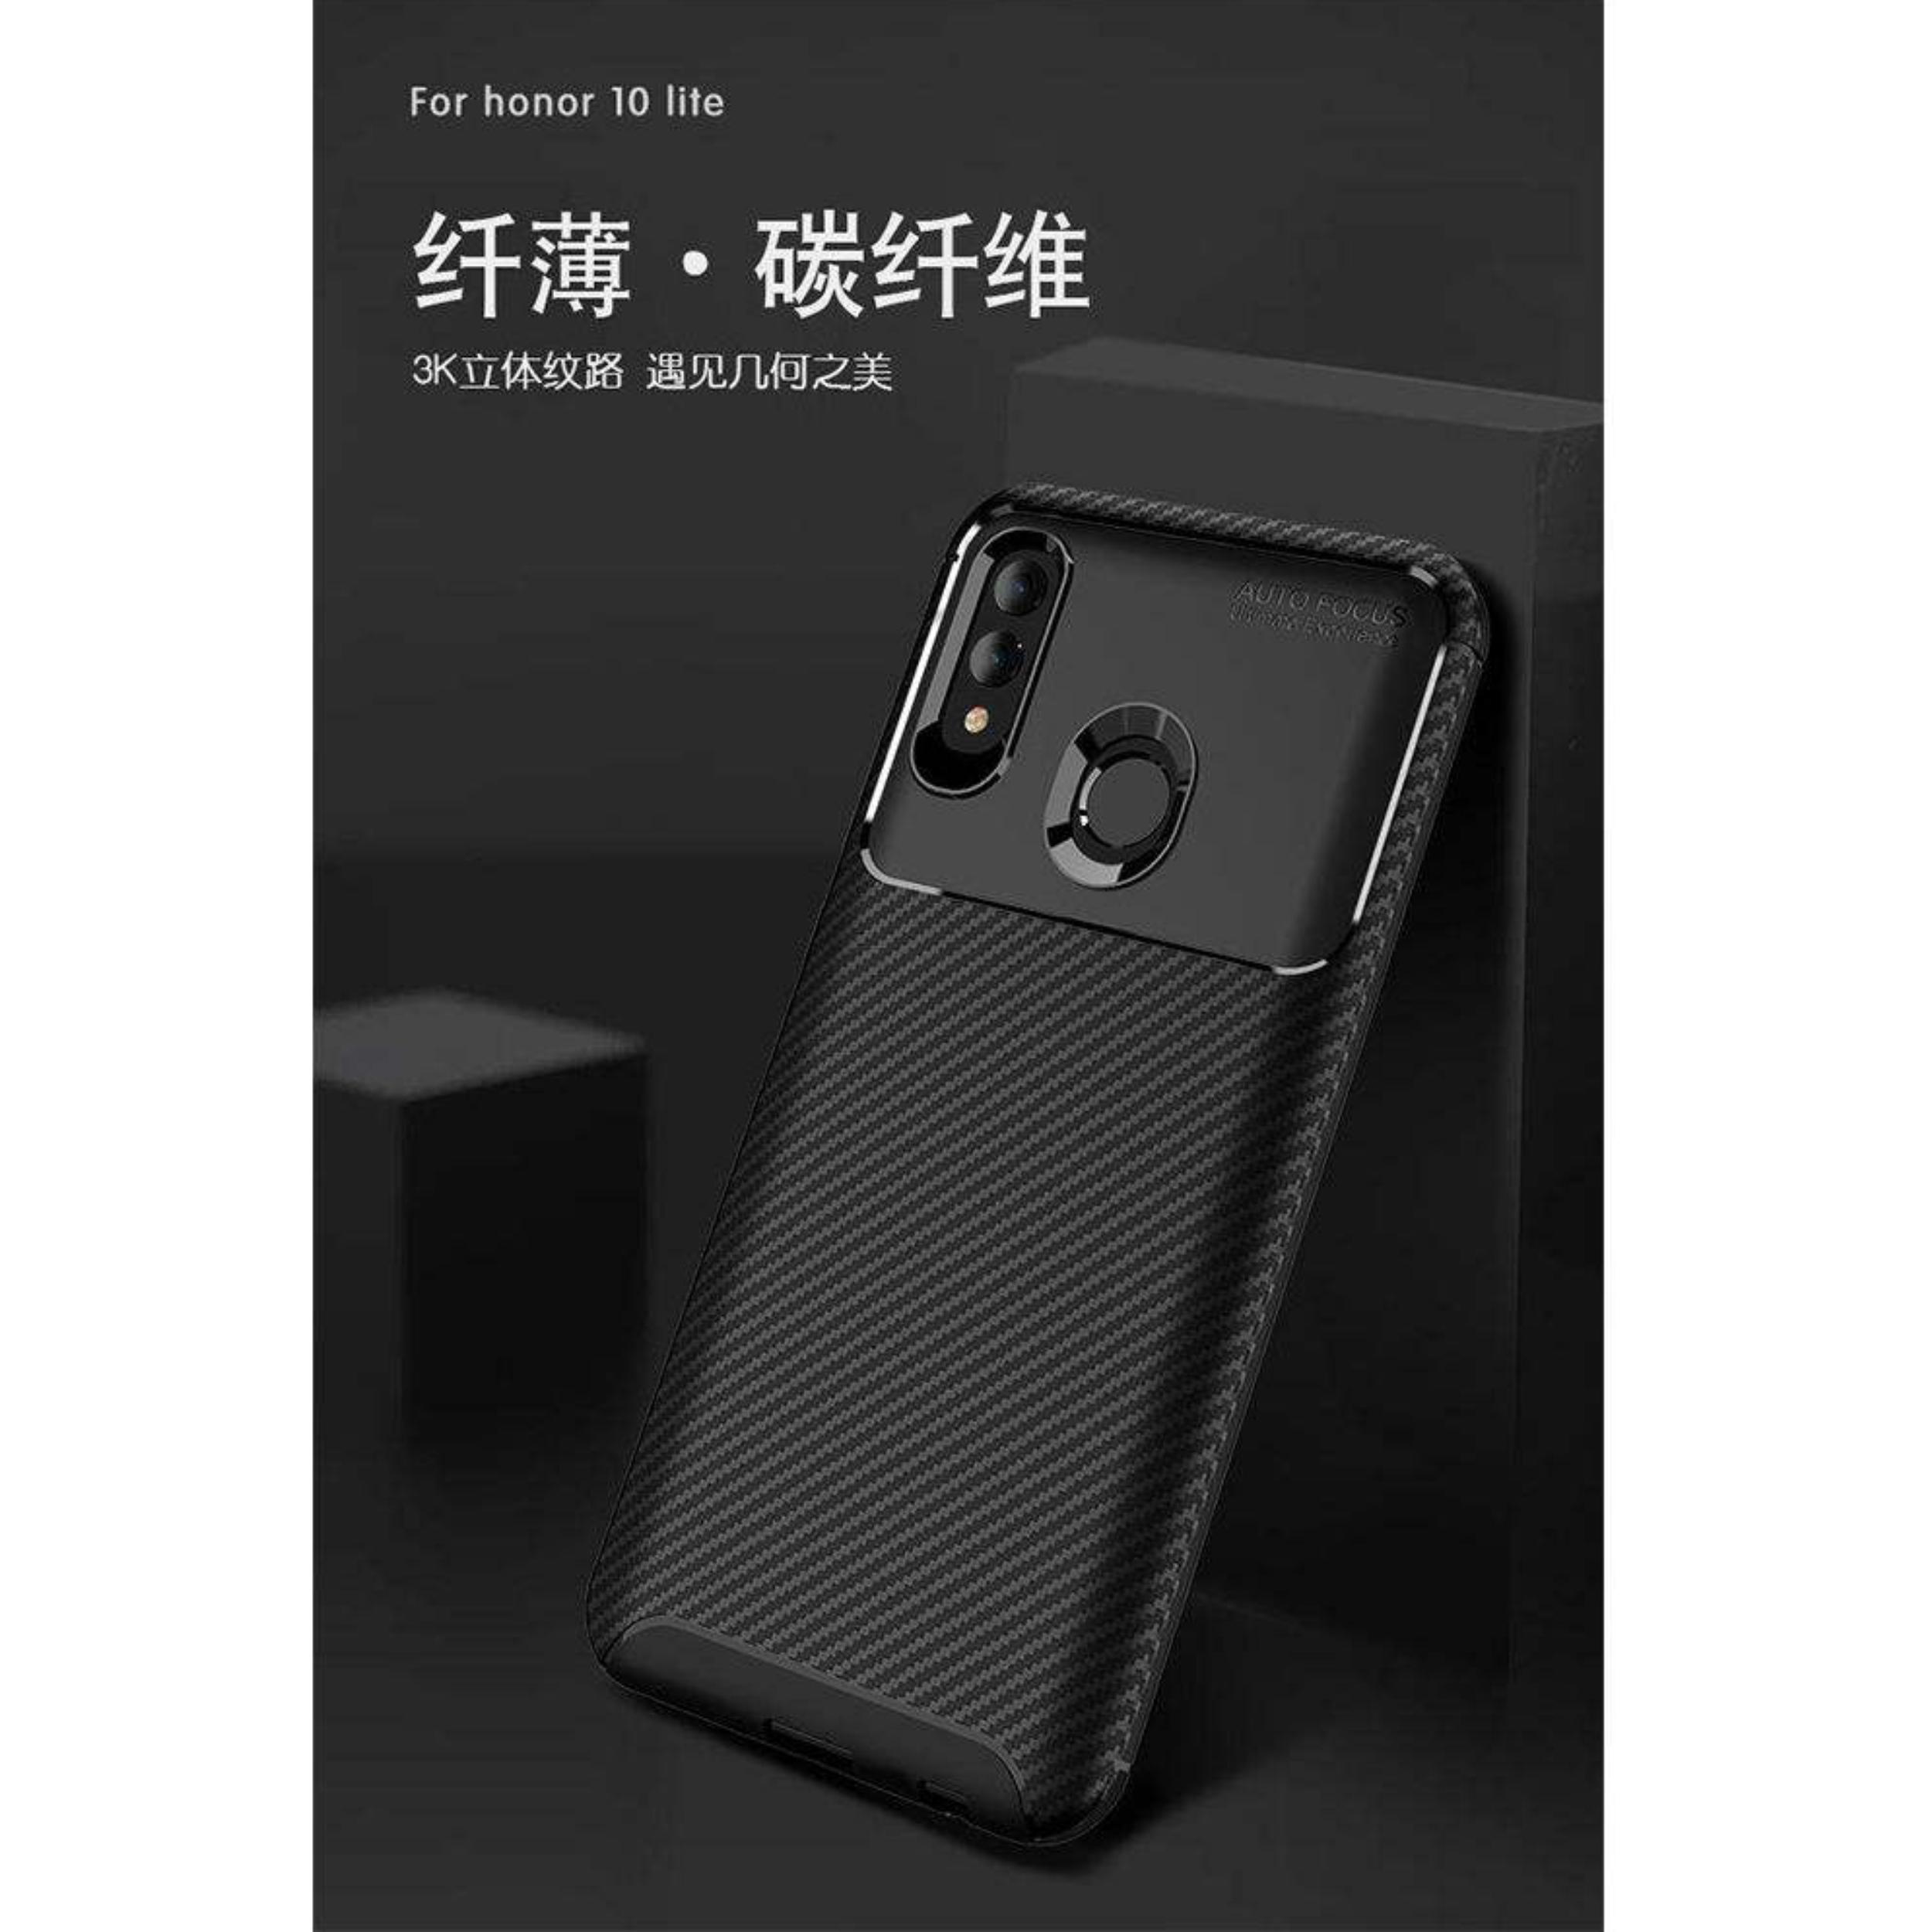 کاور لاین کینگ مدل A21 مناسب برای گوشی موبایل هوآوی P Smart 2019/ آنر 10Lite thumb 2 10